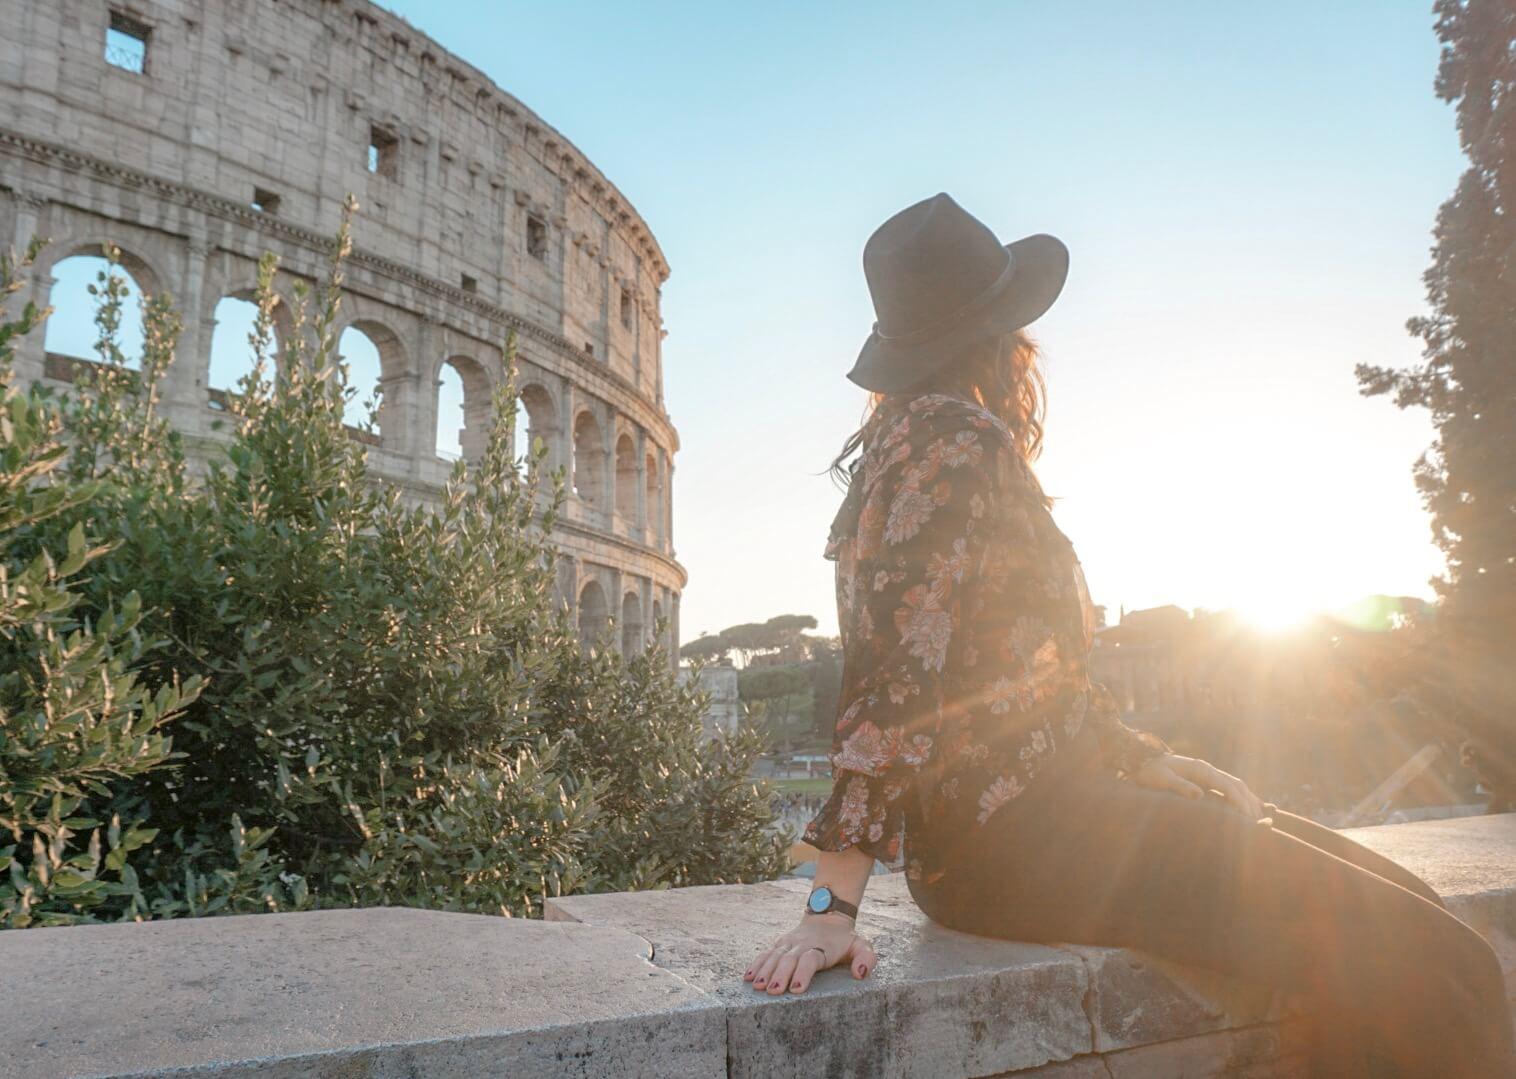 meilleur point de vue sur le colisée rome italie